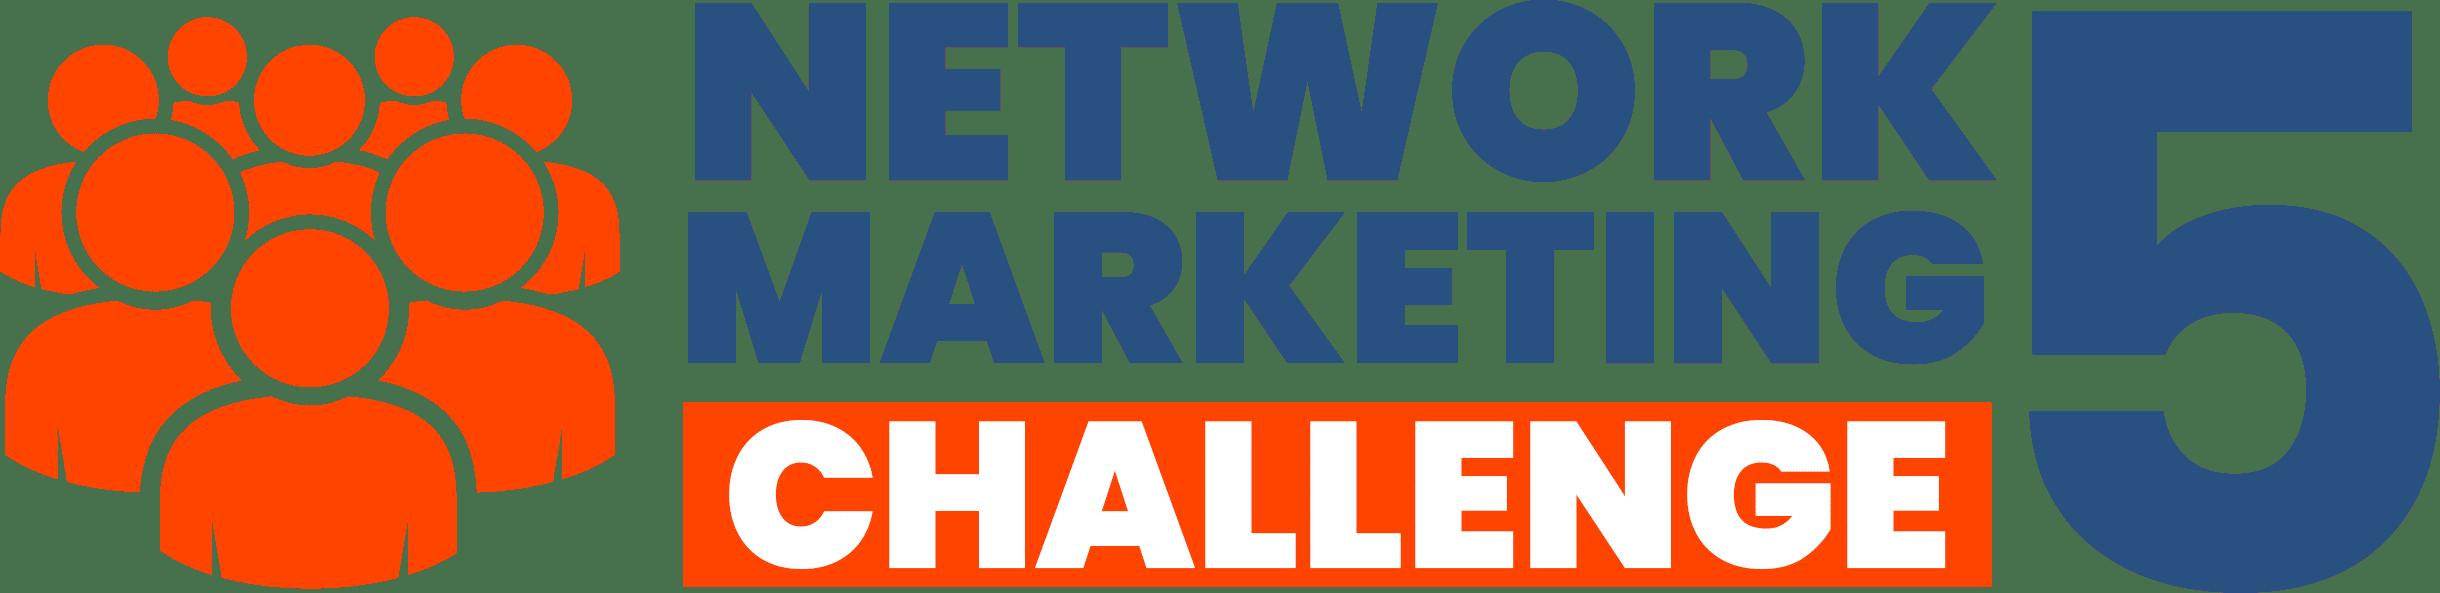 network marketing challenge